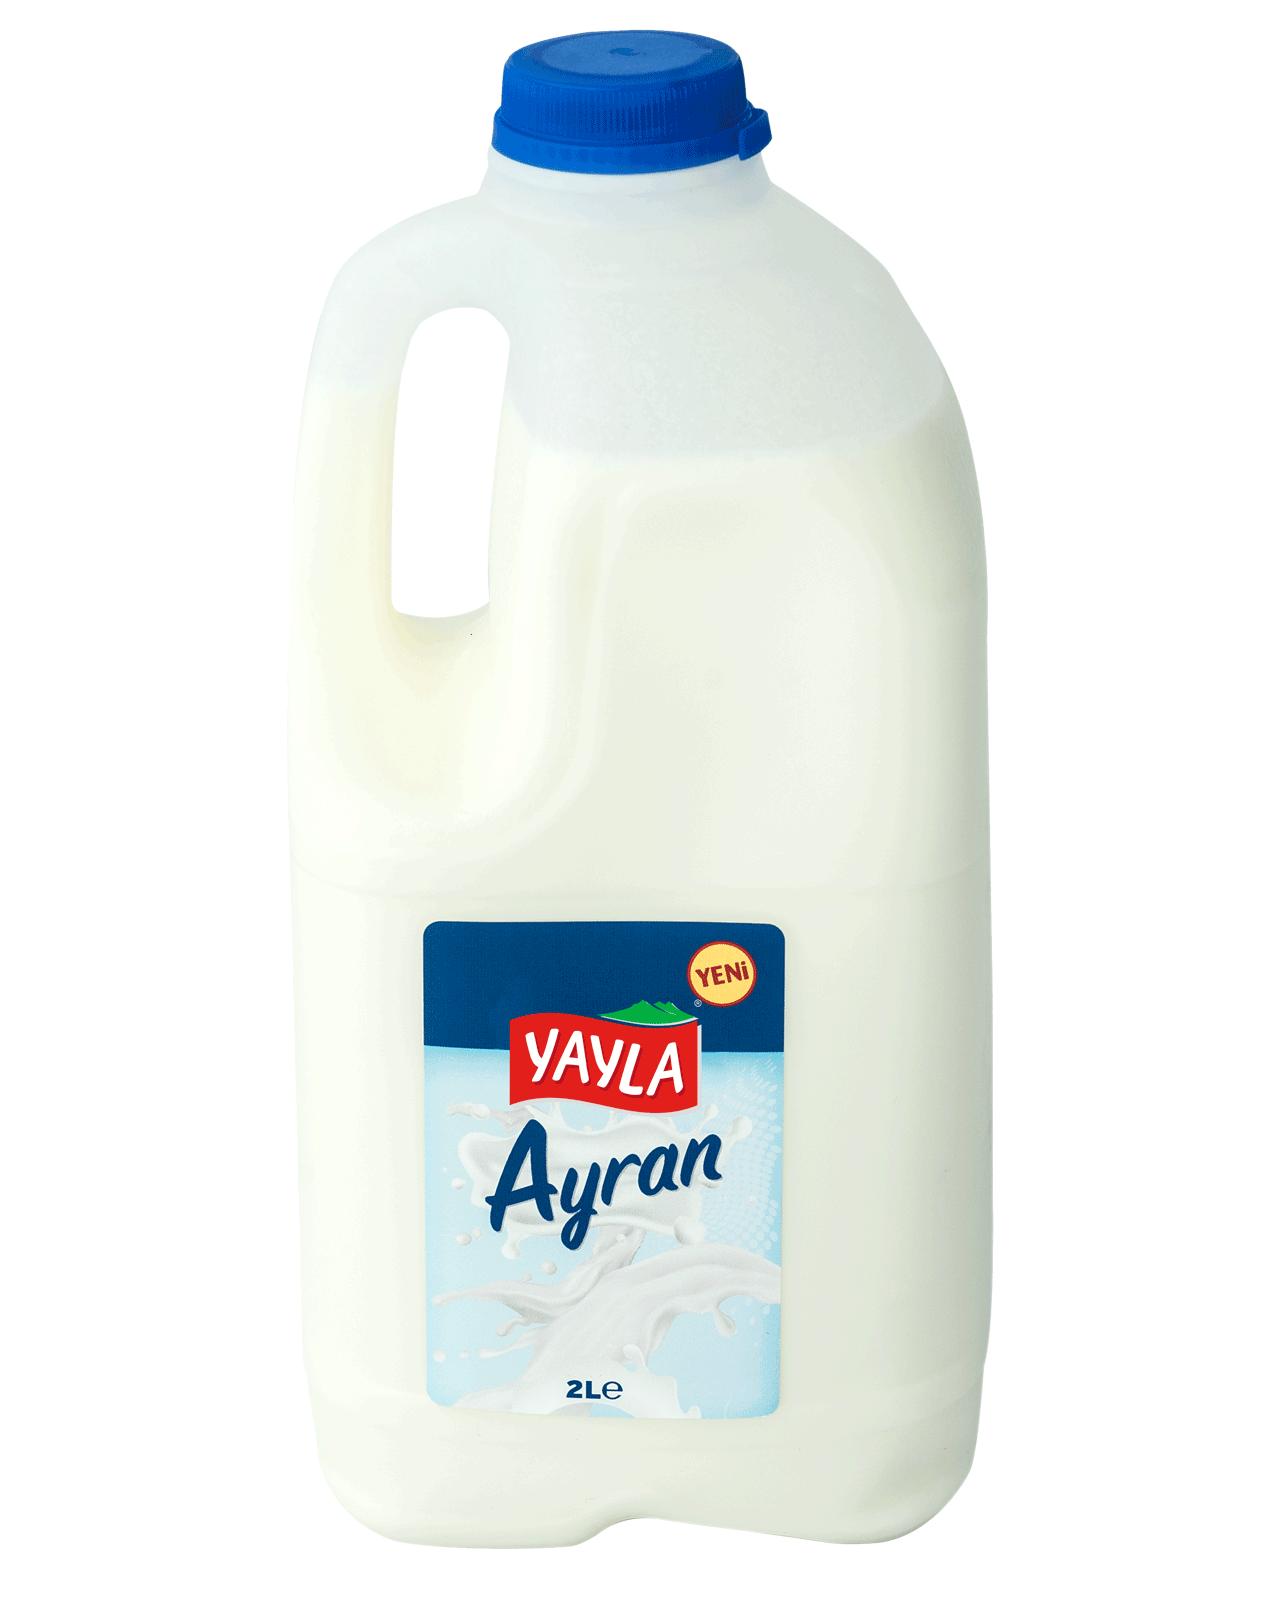 Yayla | Ayran - Erfrischungsgetränk aus Joghurt nach türkischer Art